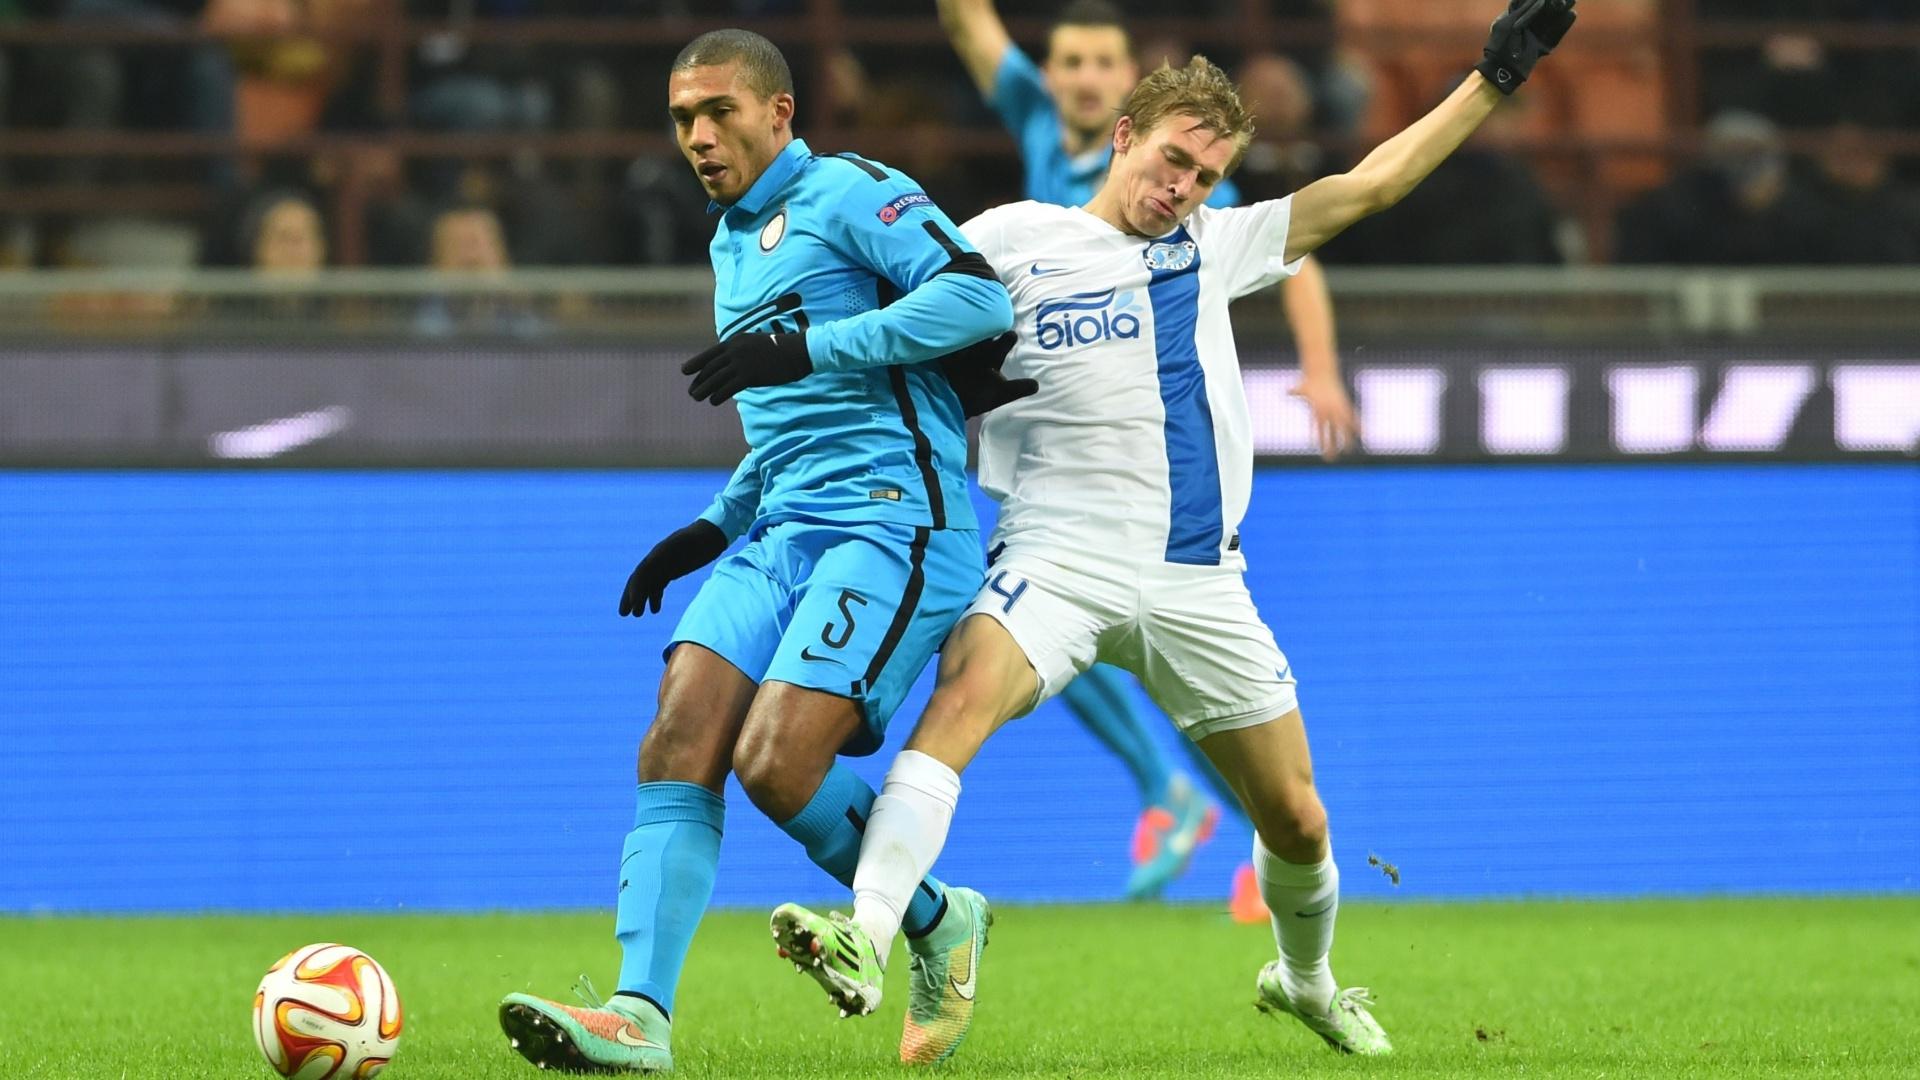 Zagueiro brasileiro Juan (azul), da Inter de Milão, disputa bola com Luchkevych, do Dnipro